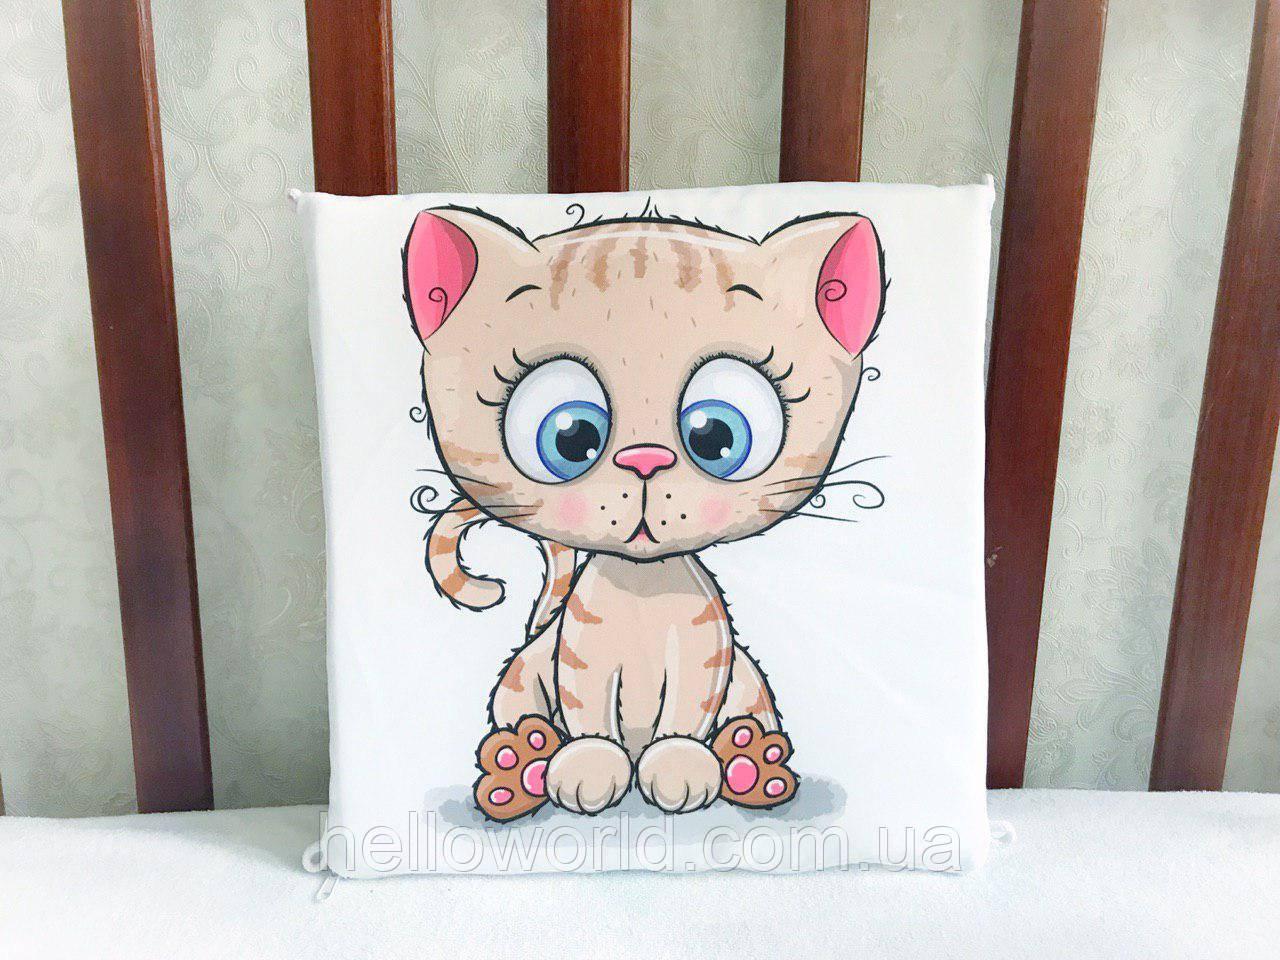 Бортик Бежевый котик с розовыми ушками